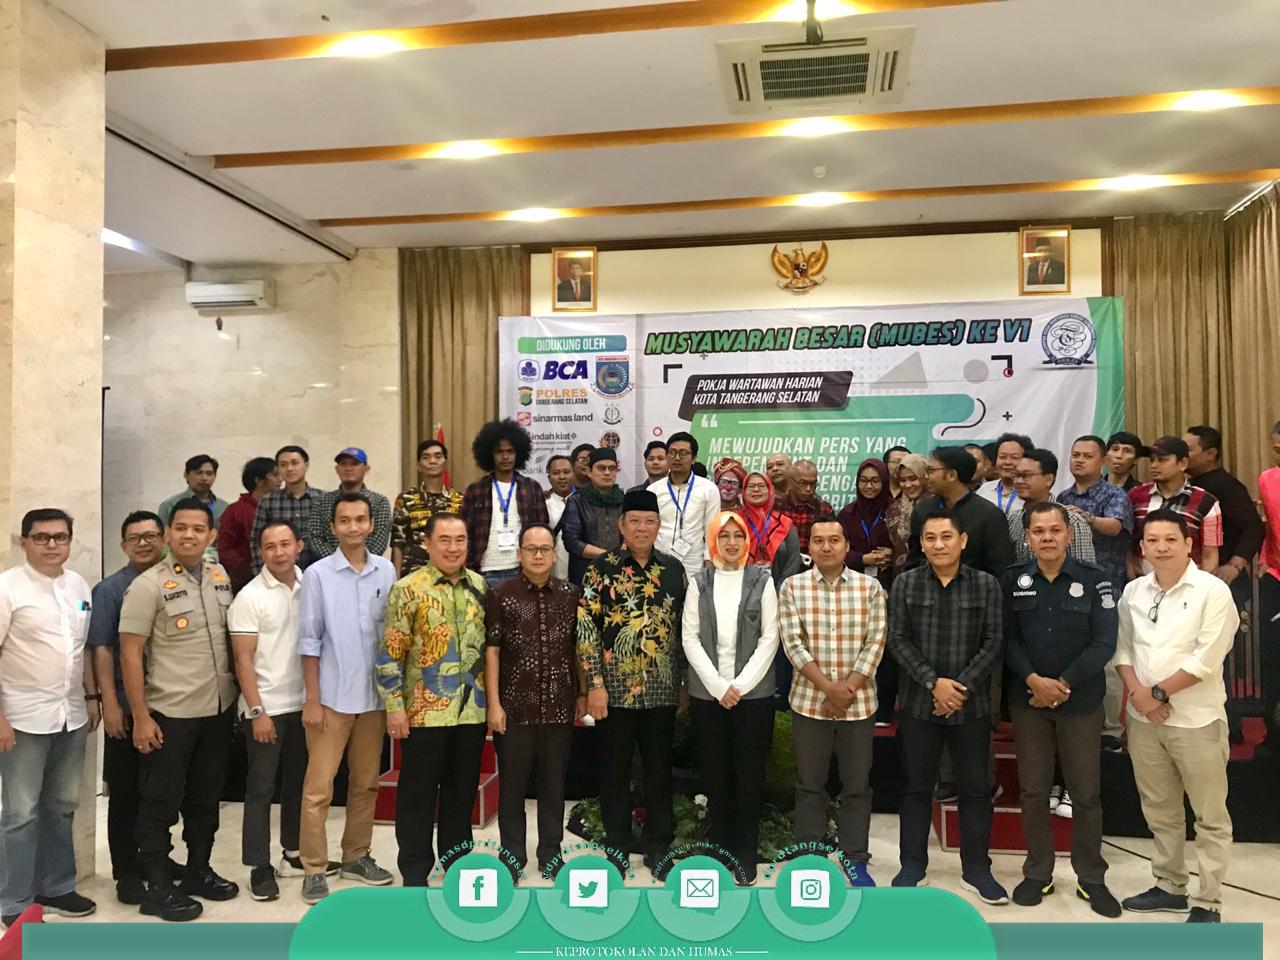 Ketua DPRD menghadiri acara Pokja Wartawan Harian Tangerang Selatan